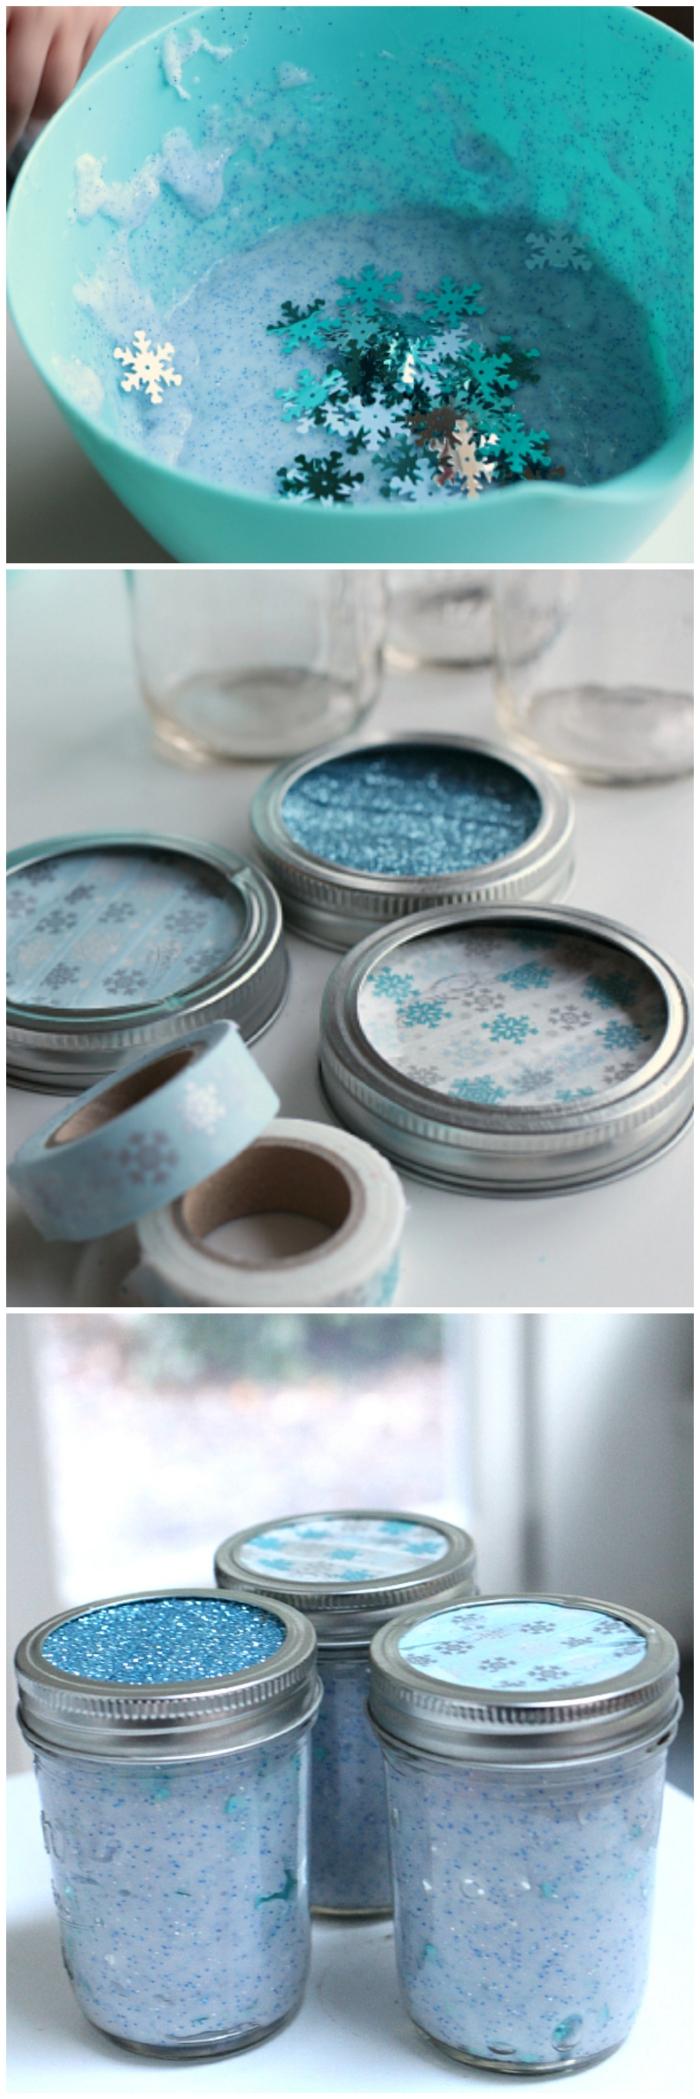 recette du slime d'hiver à paillettes étoiles à offrir comme cadeau d'invité dans un joli bocal décoré masking tape